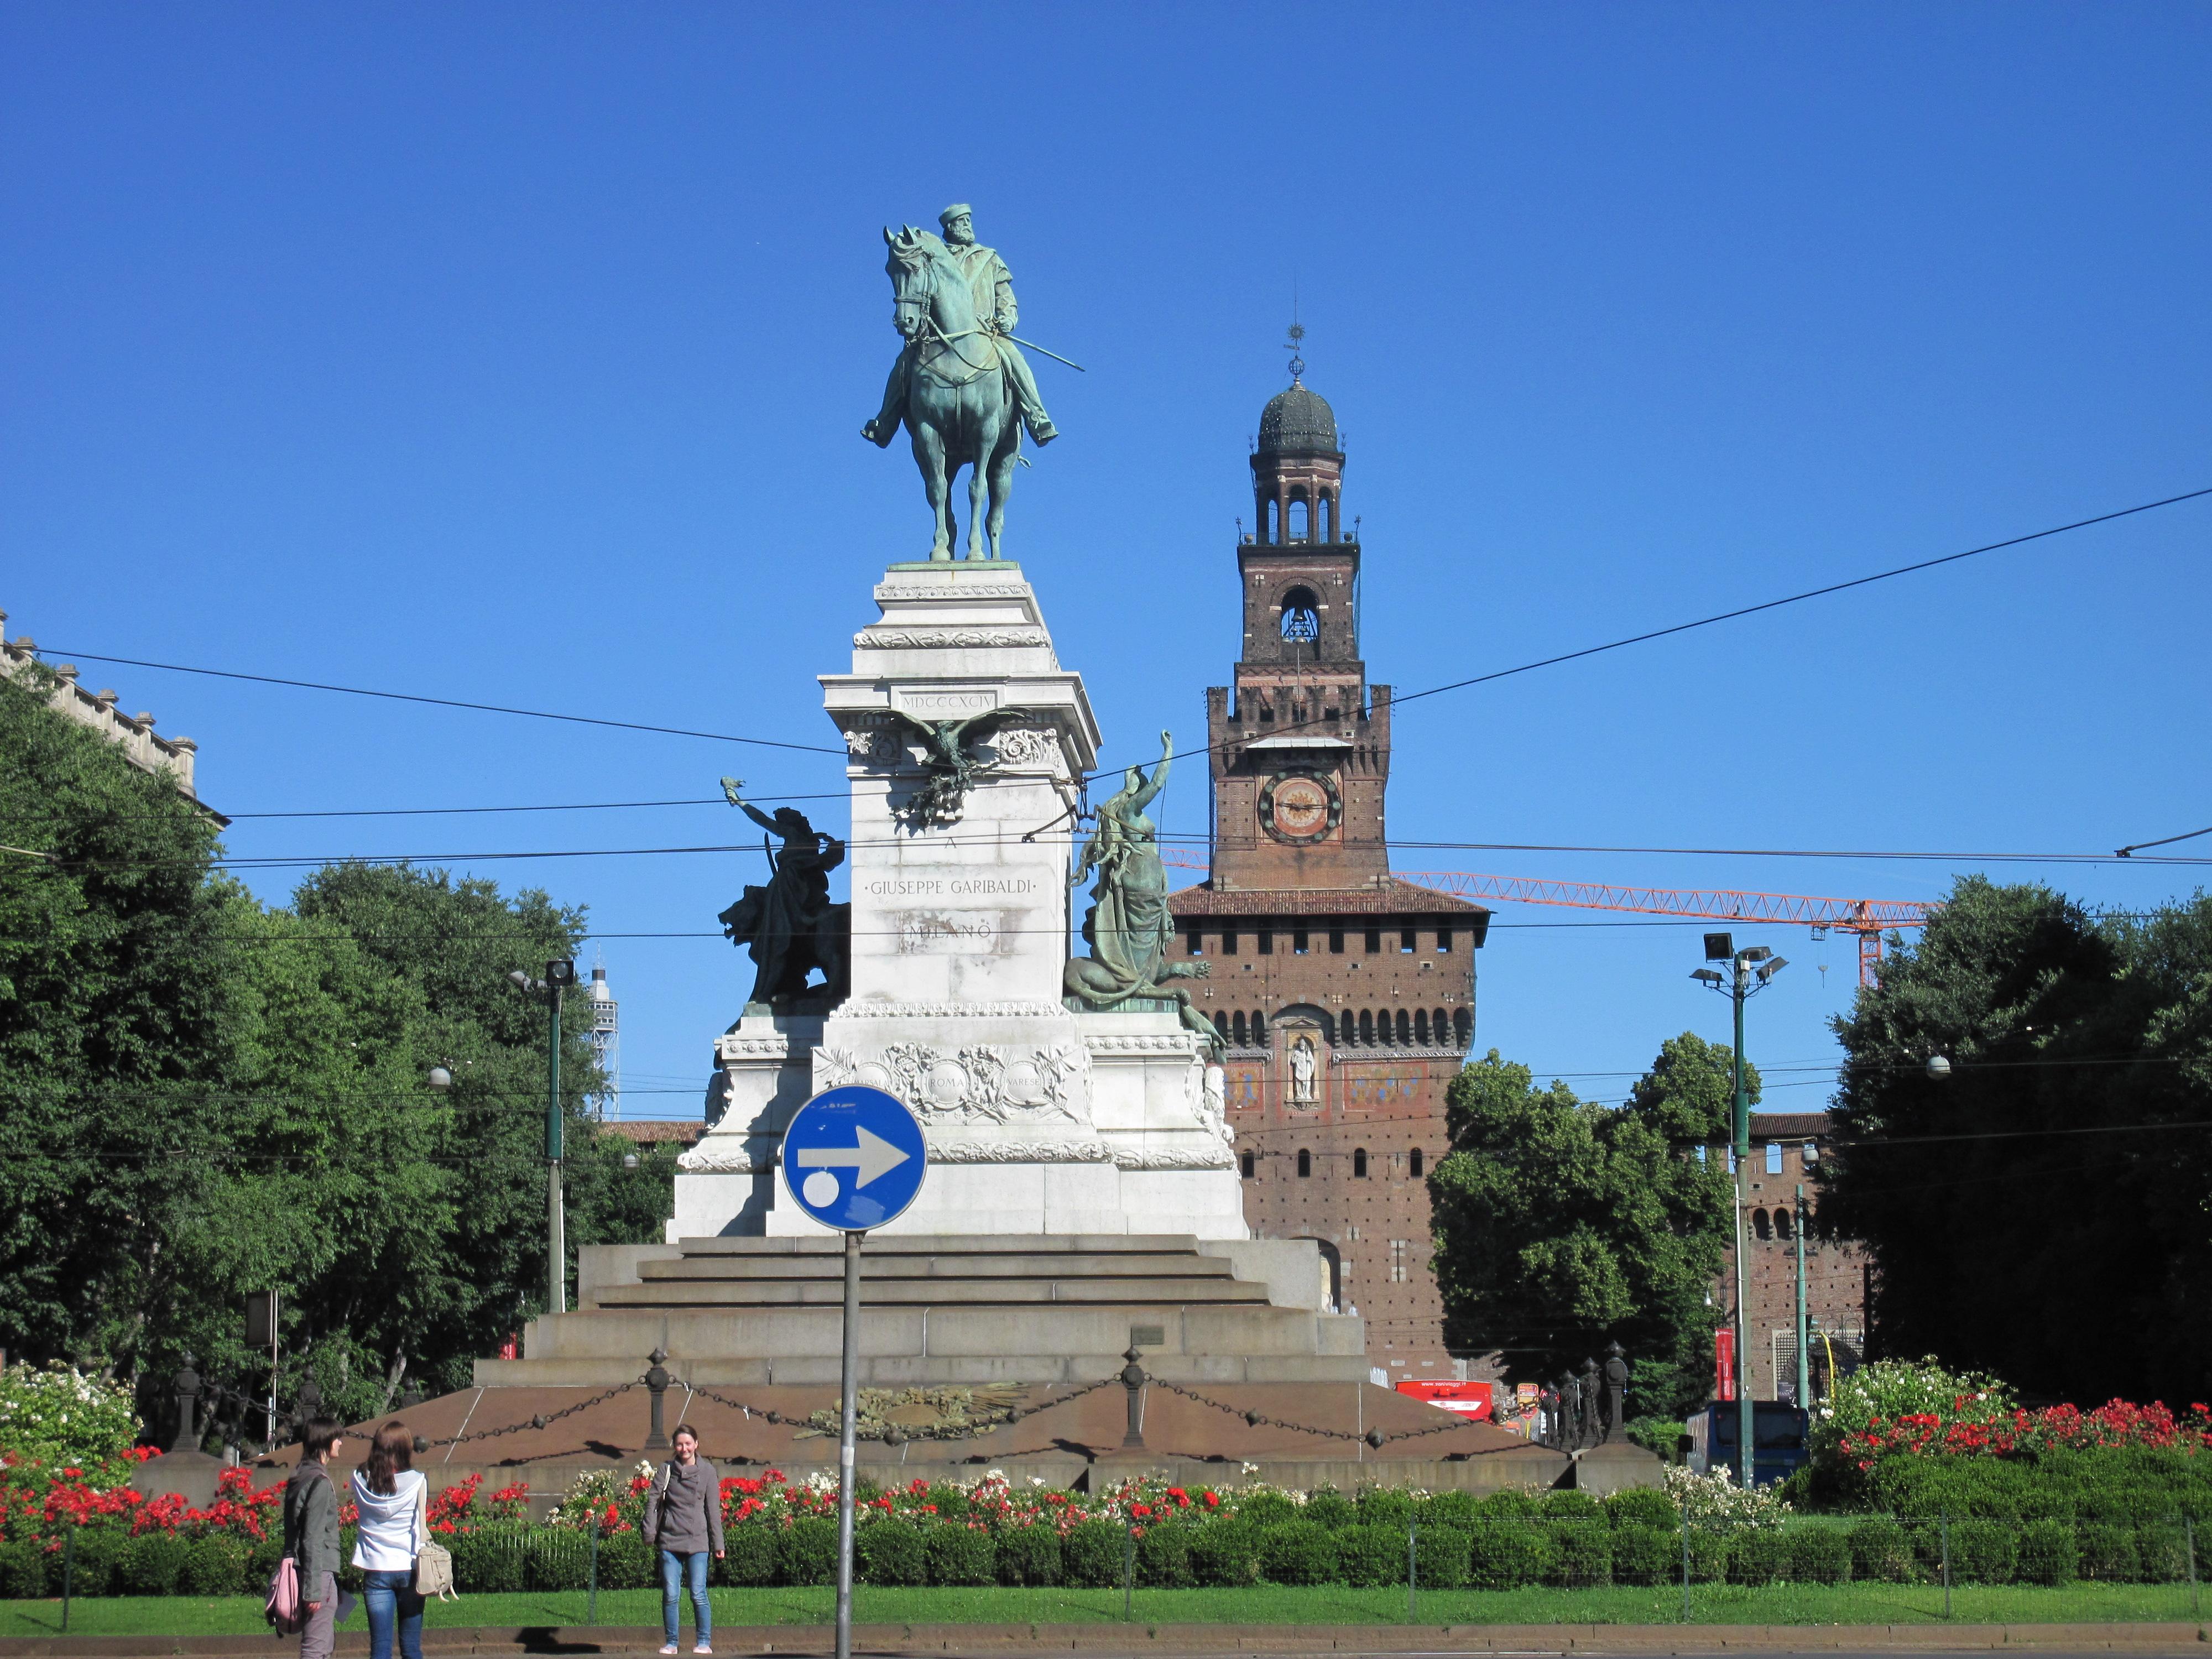 Imagini pentru Monumentul Galibardi milano